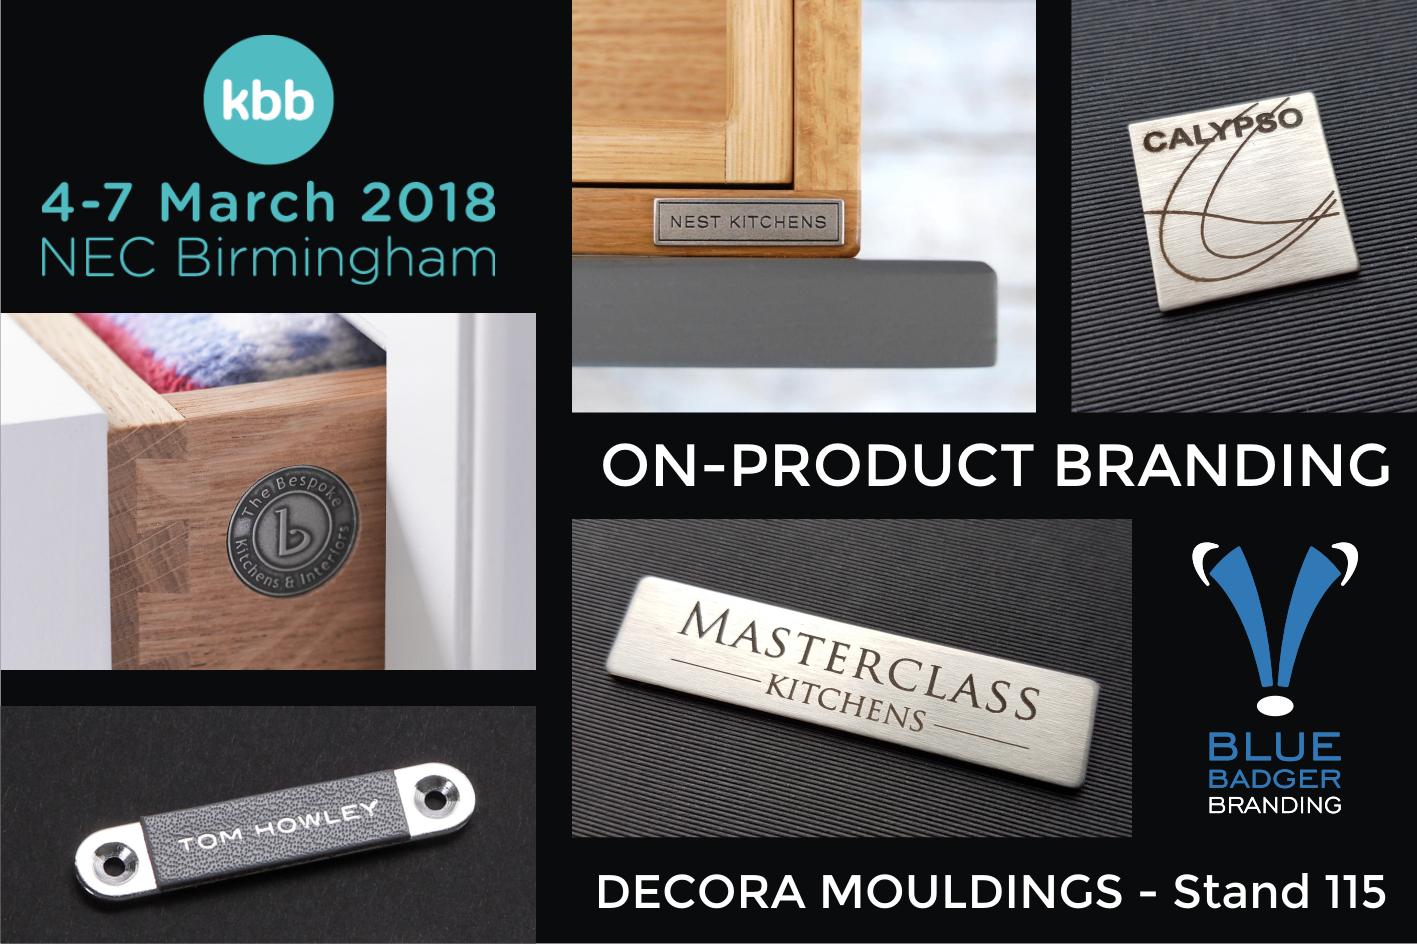 Blue Badger Branding On-Product Branding Metal Badges KBB